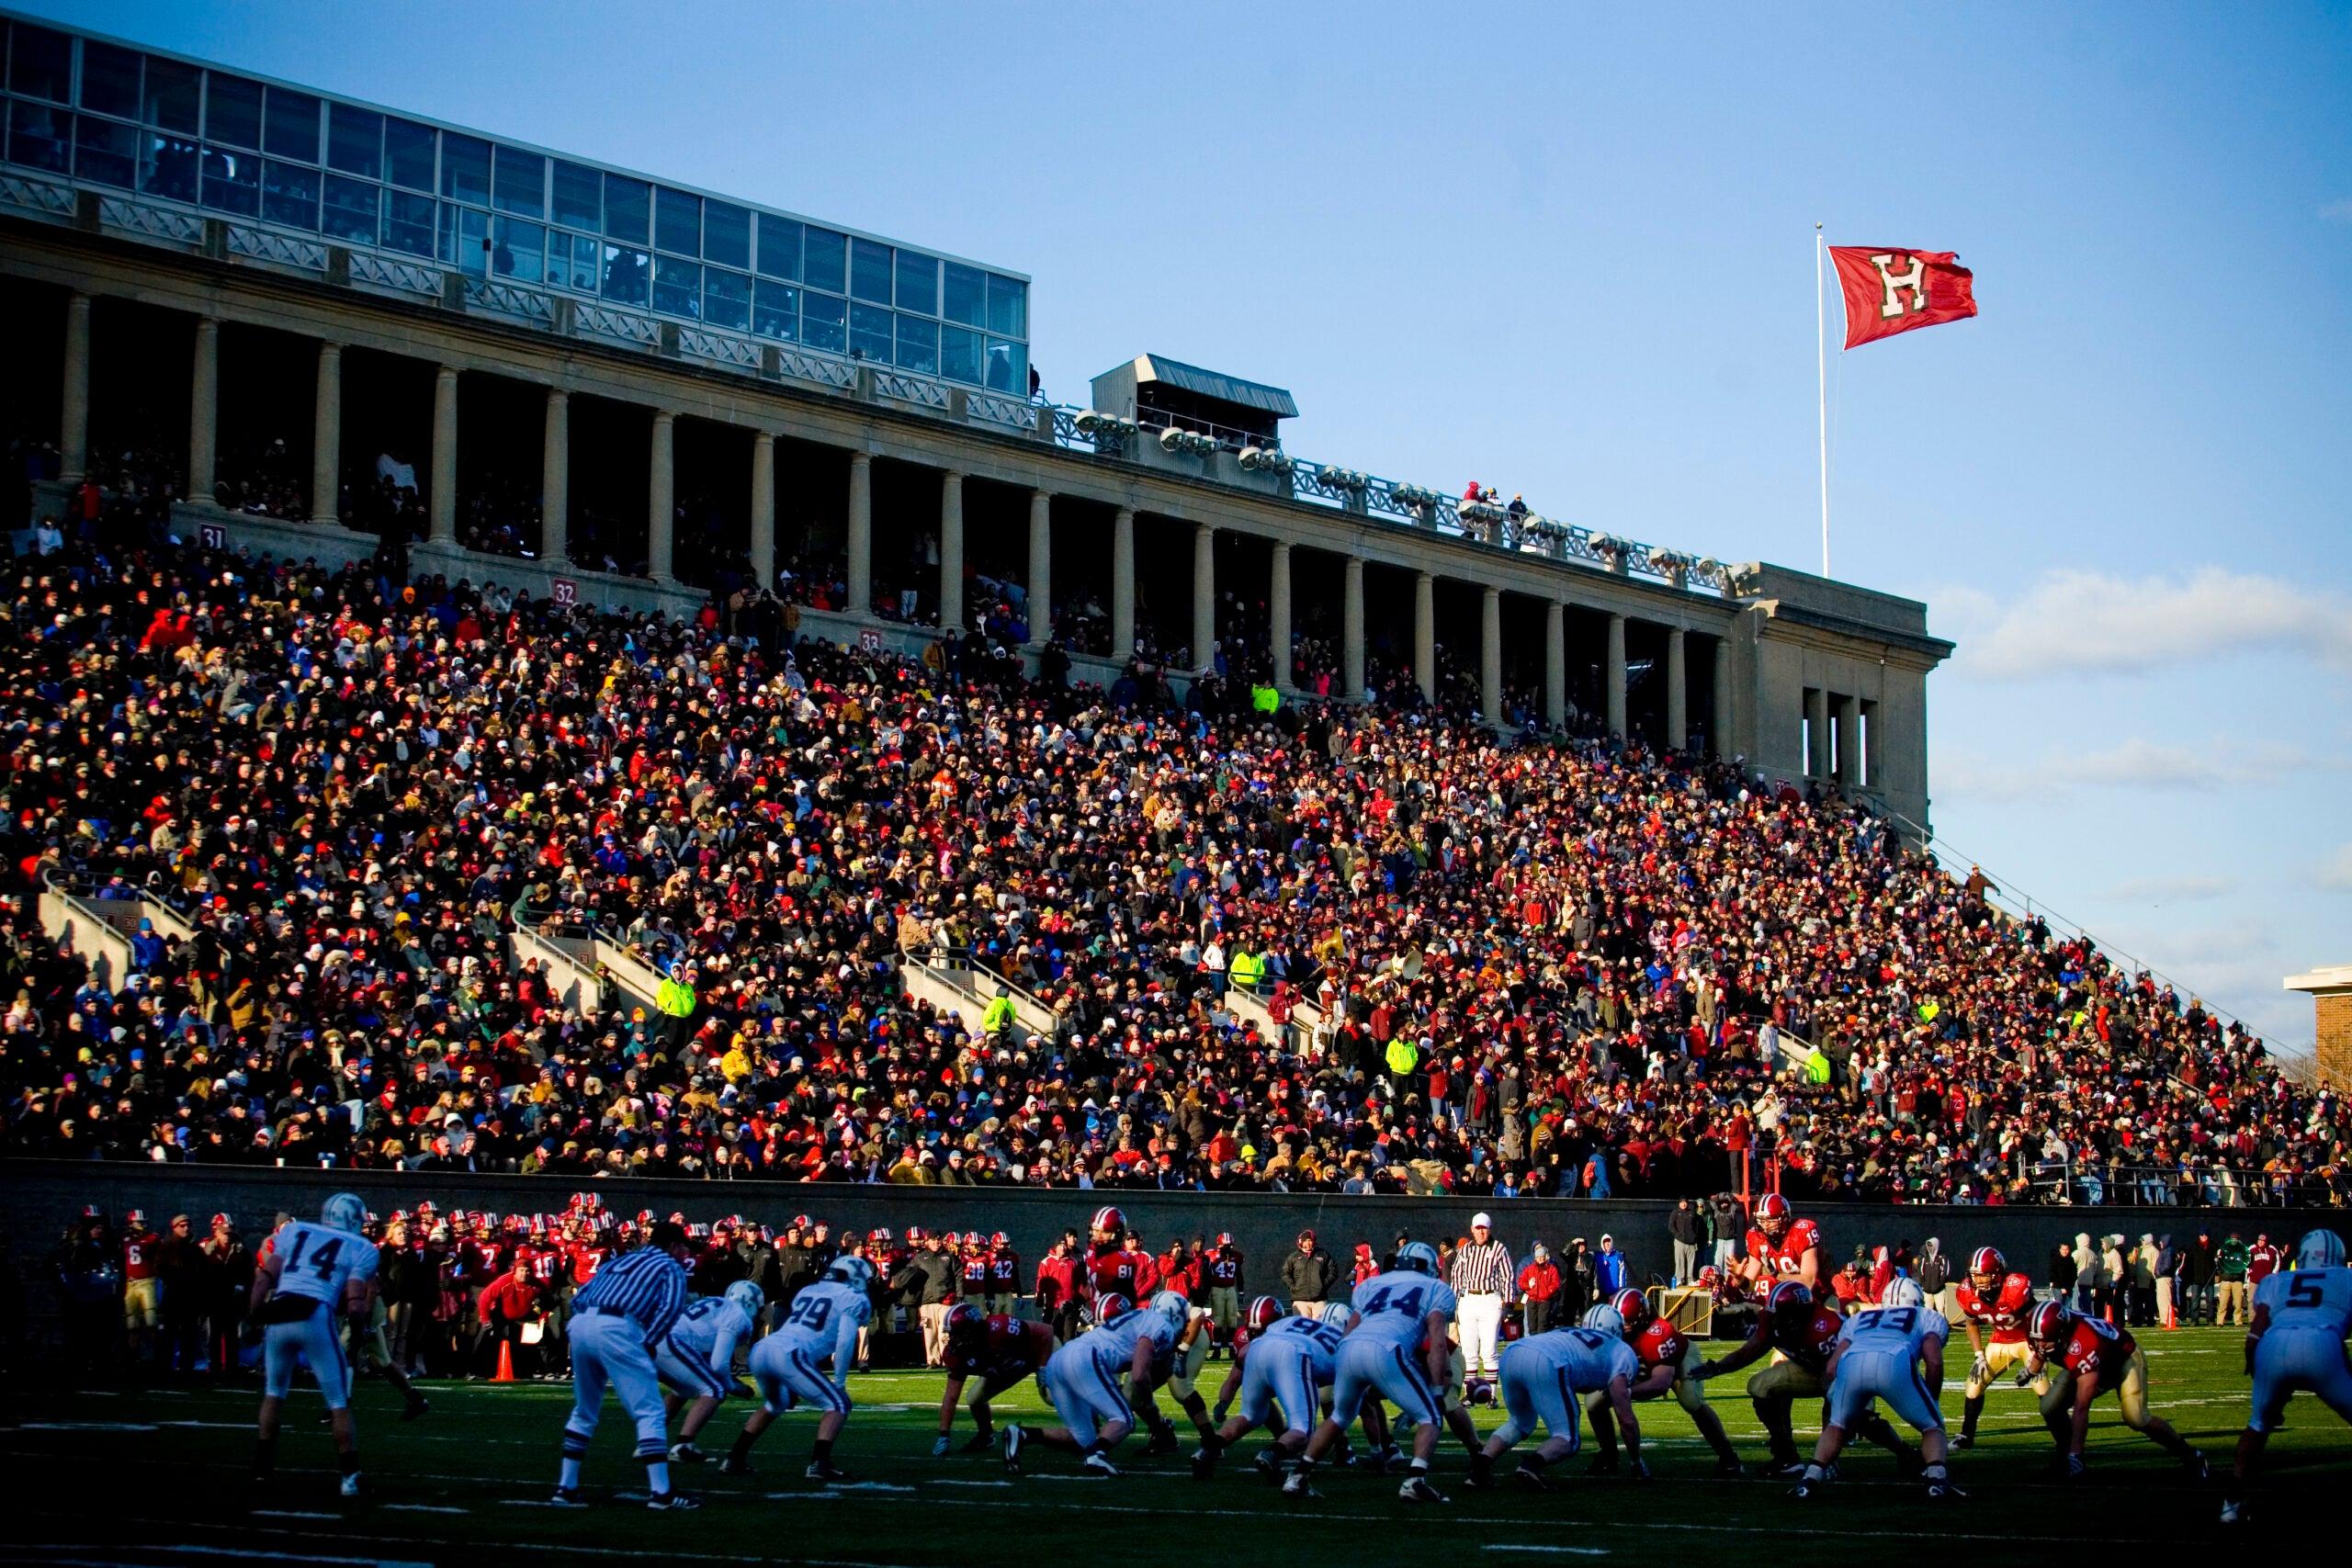 A big crowd at Harvard stadium